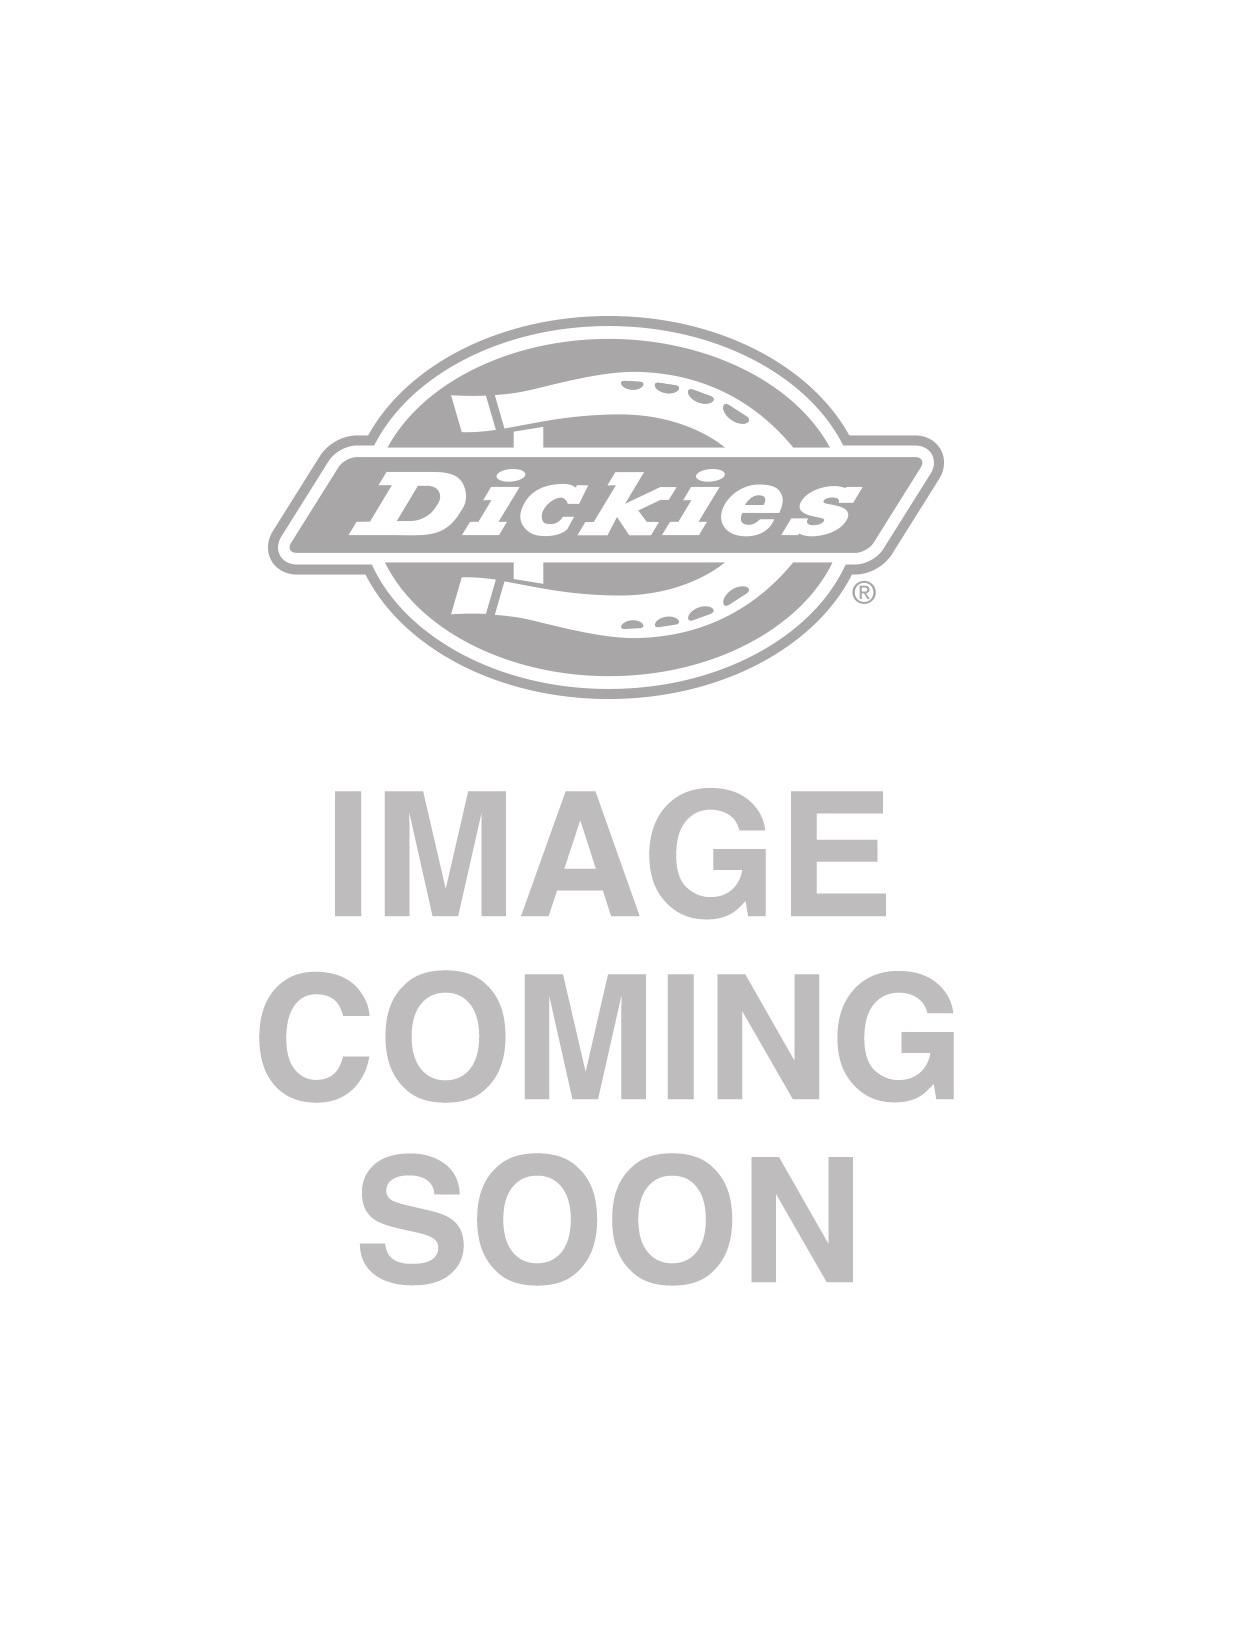 Dickies Wiliamsville Wallet